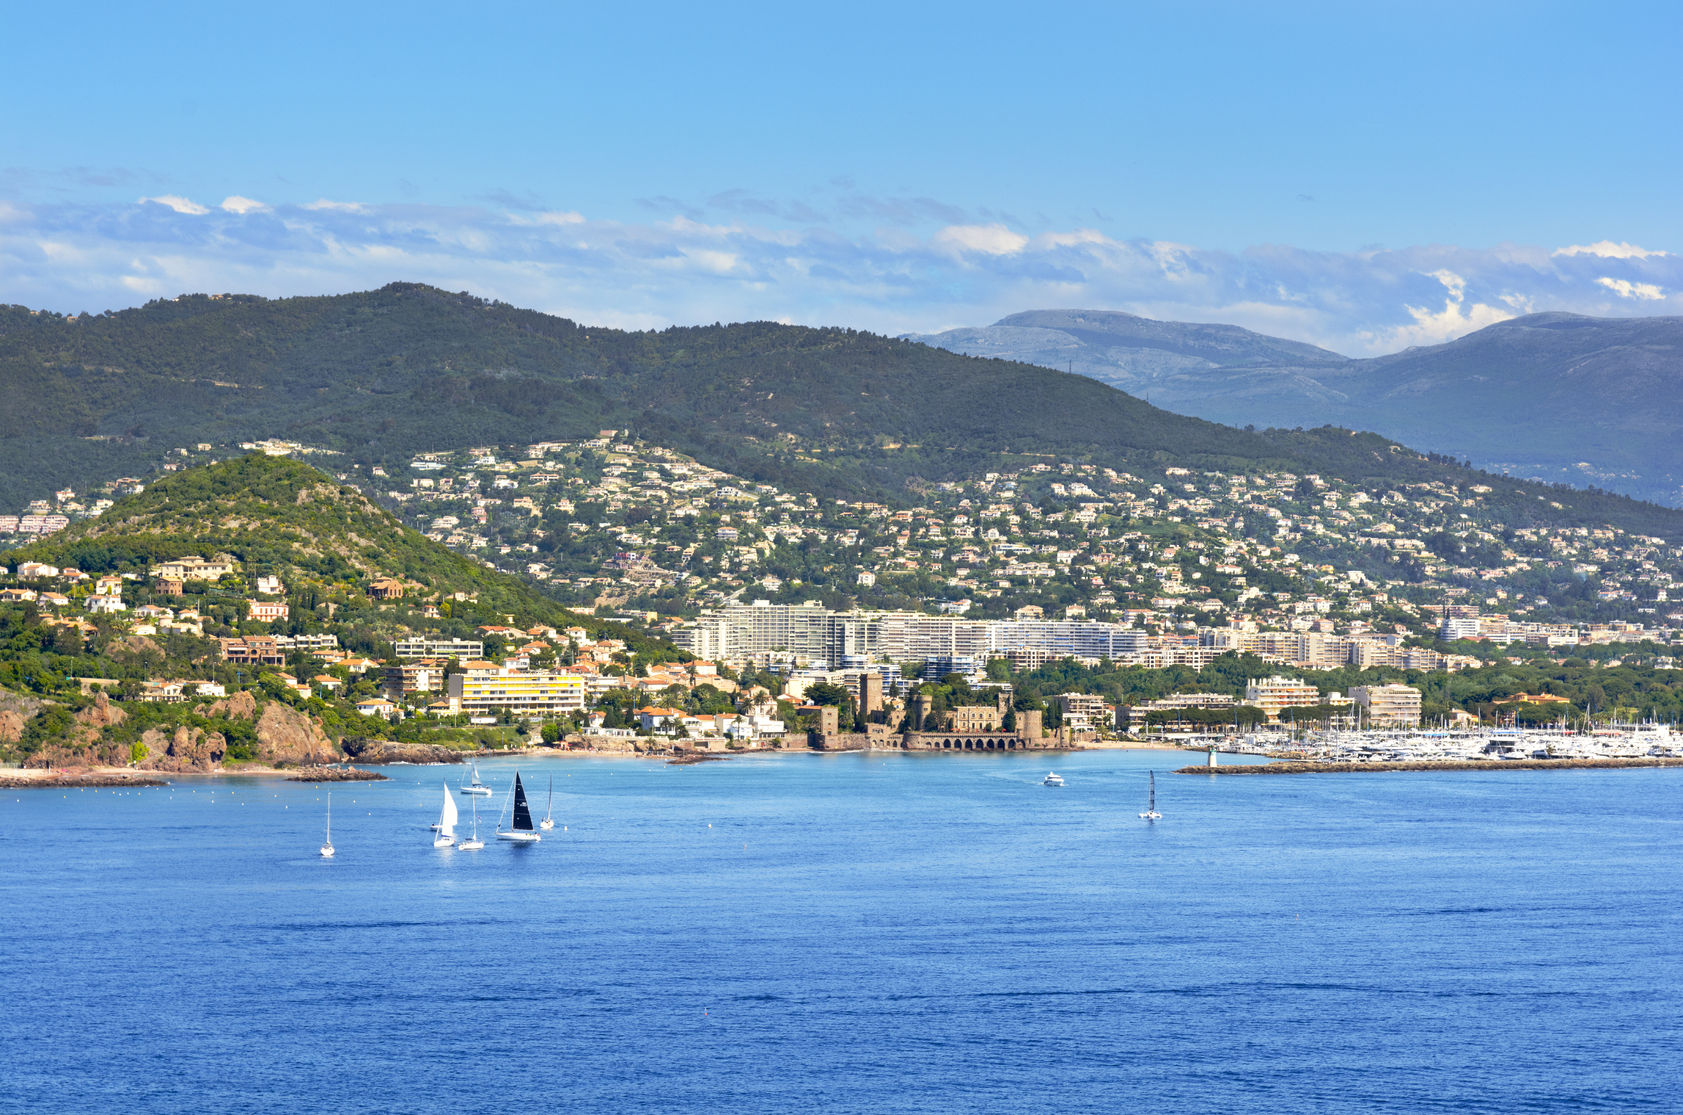 La Napoule Coast - South of France